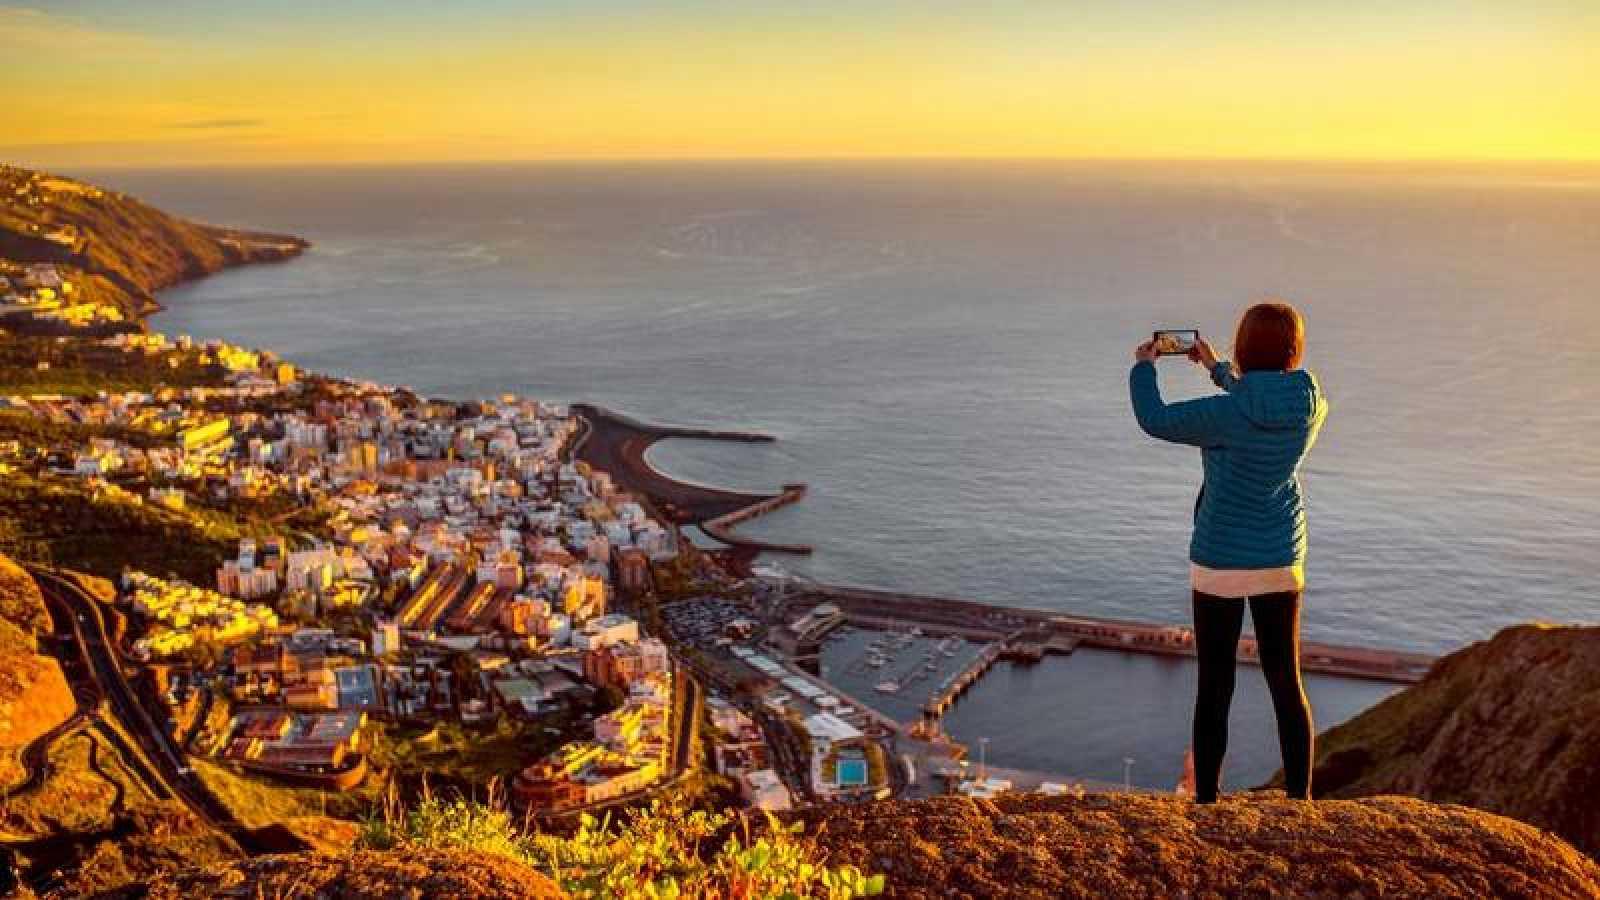 Una joven obtiene una fotografía con su teléfono móvil de Santa Cruz de la Palma.